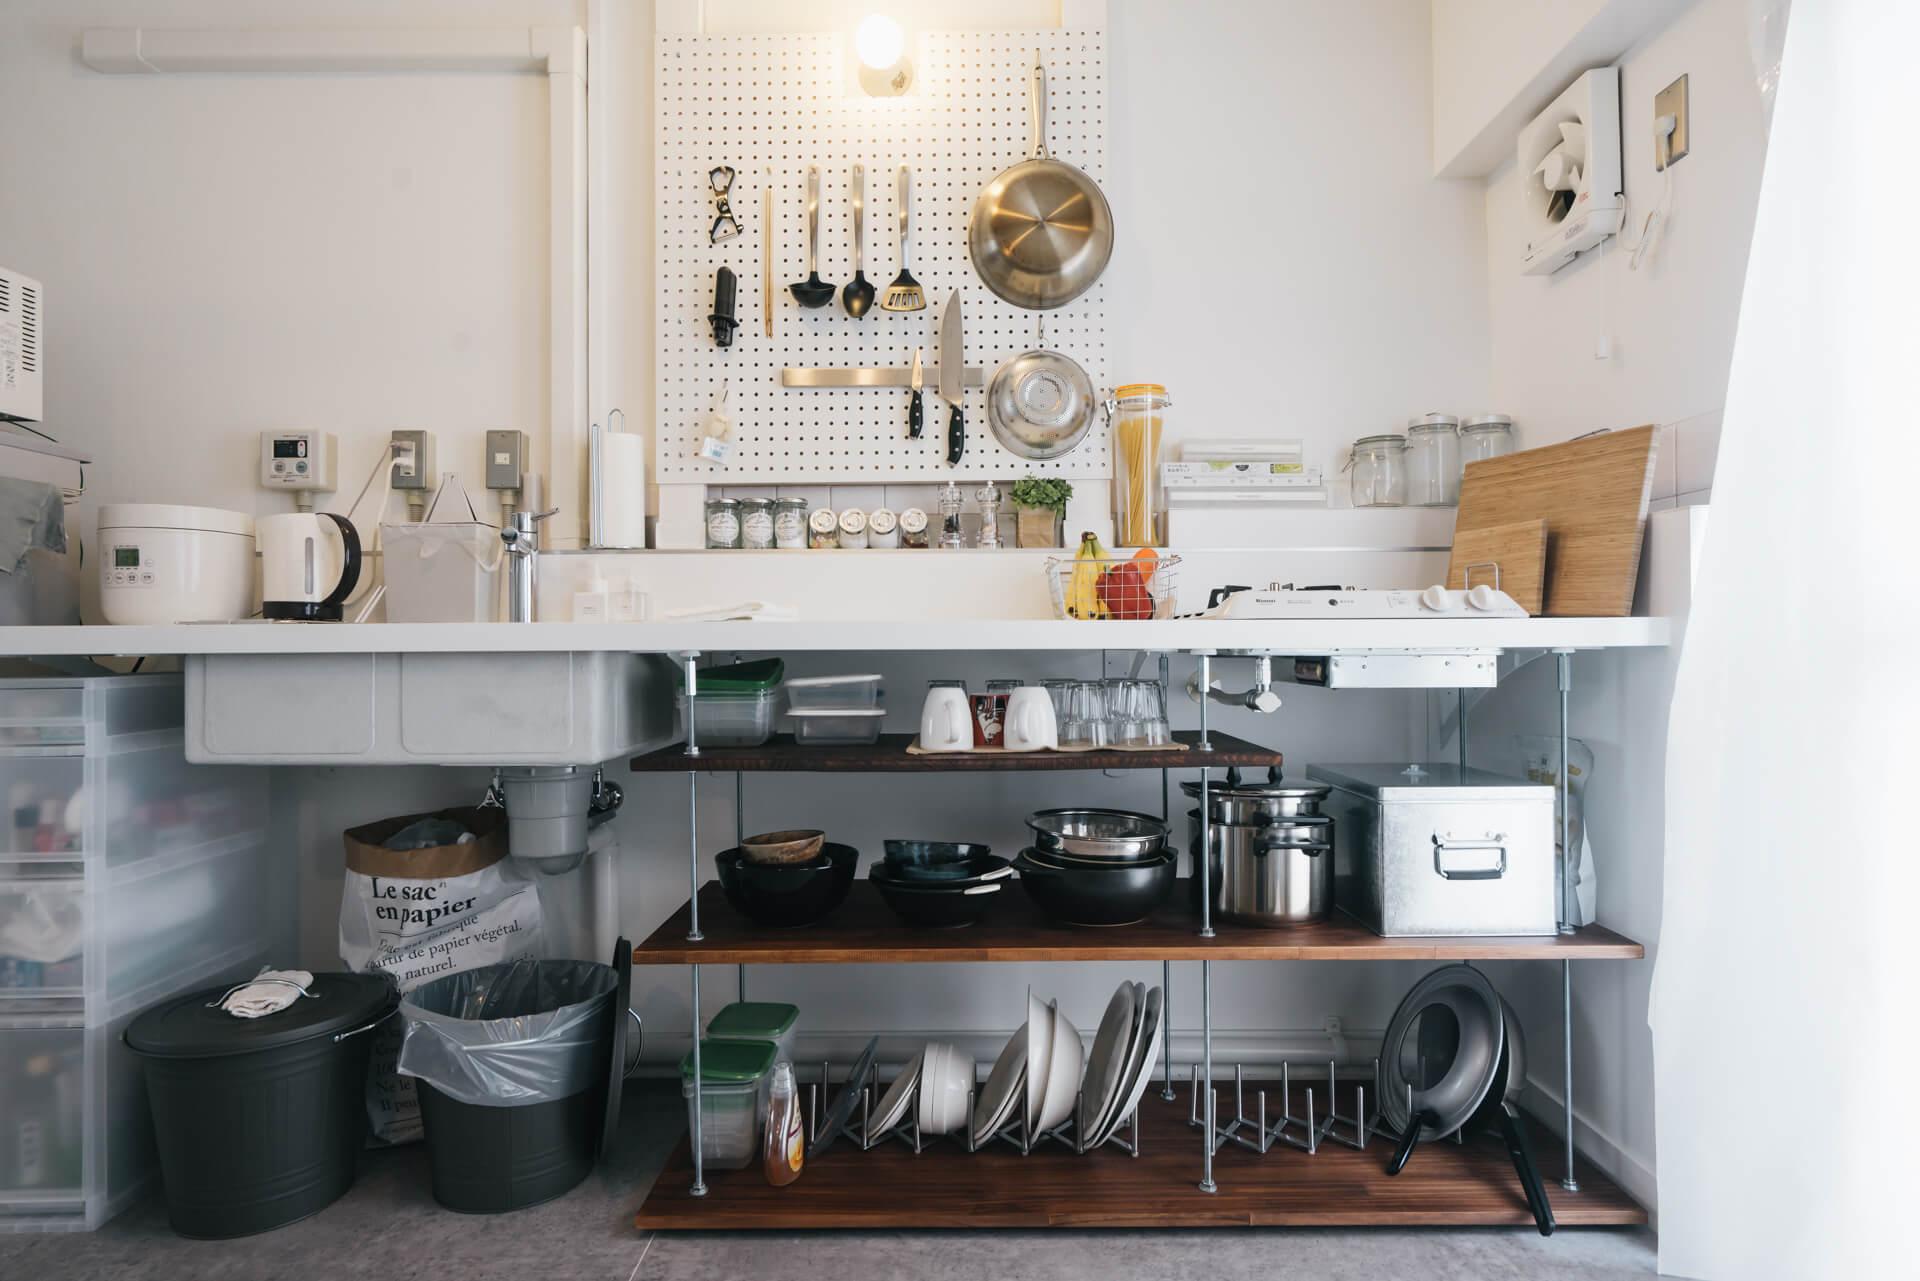 UR×無印良品の団地に暮らすplus9さんのお部屋は、収納のほとんどがオープンで、入っているものがよくわかります。(UR×無印良品の団地に住む。plus9さんのシンプルで機能的な暮らし)